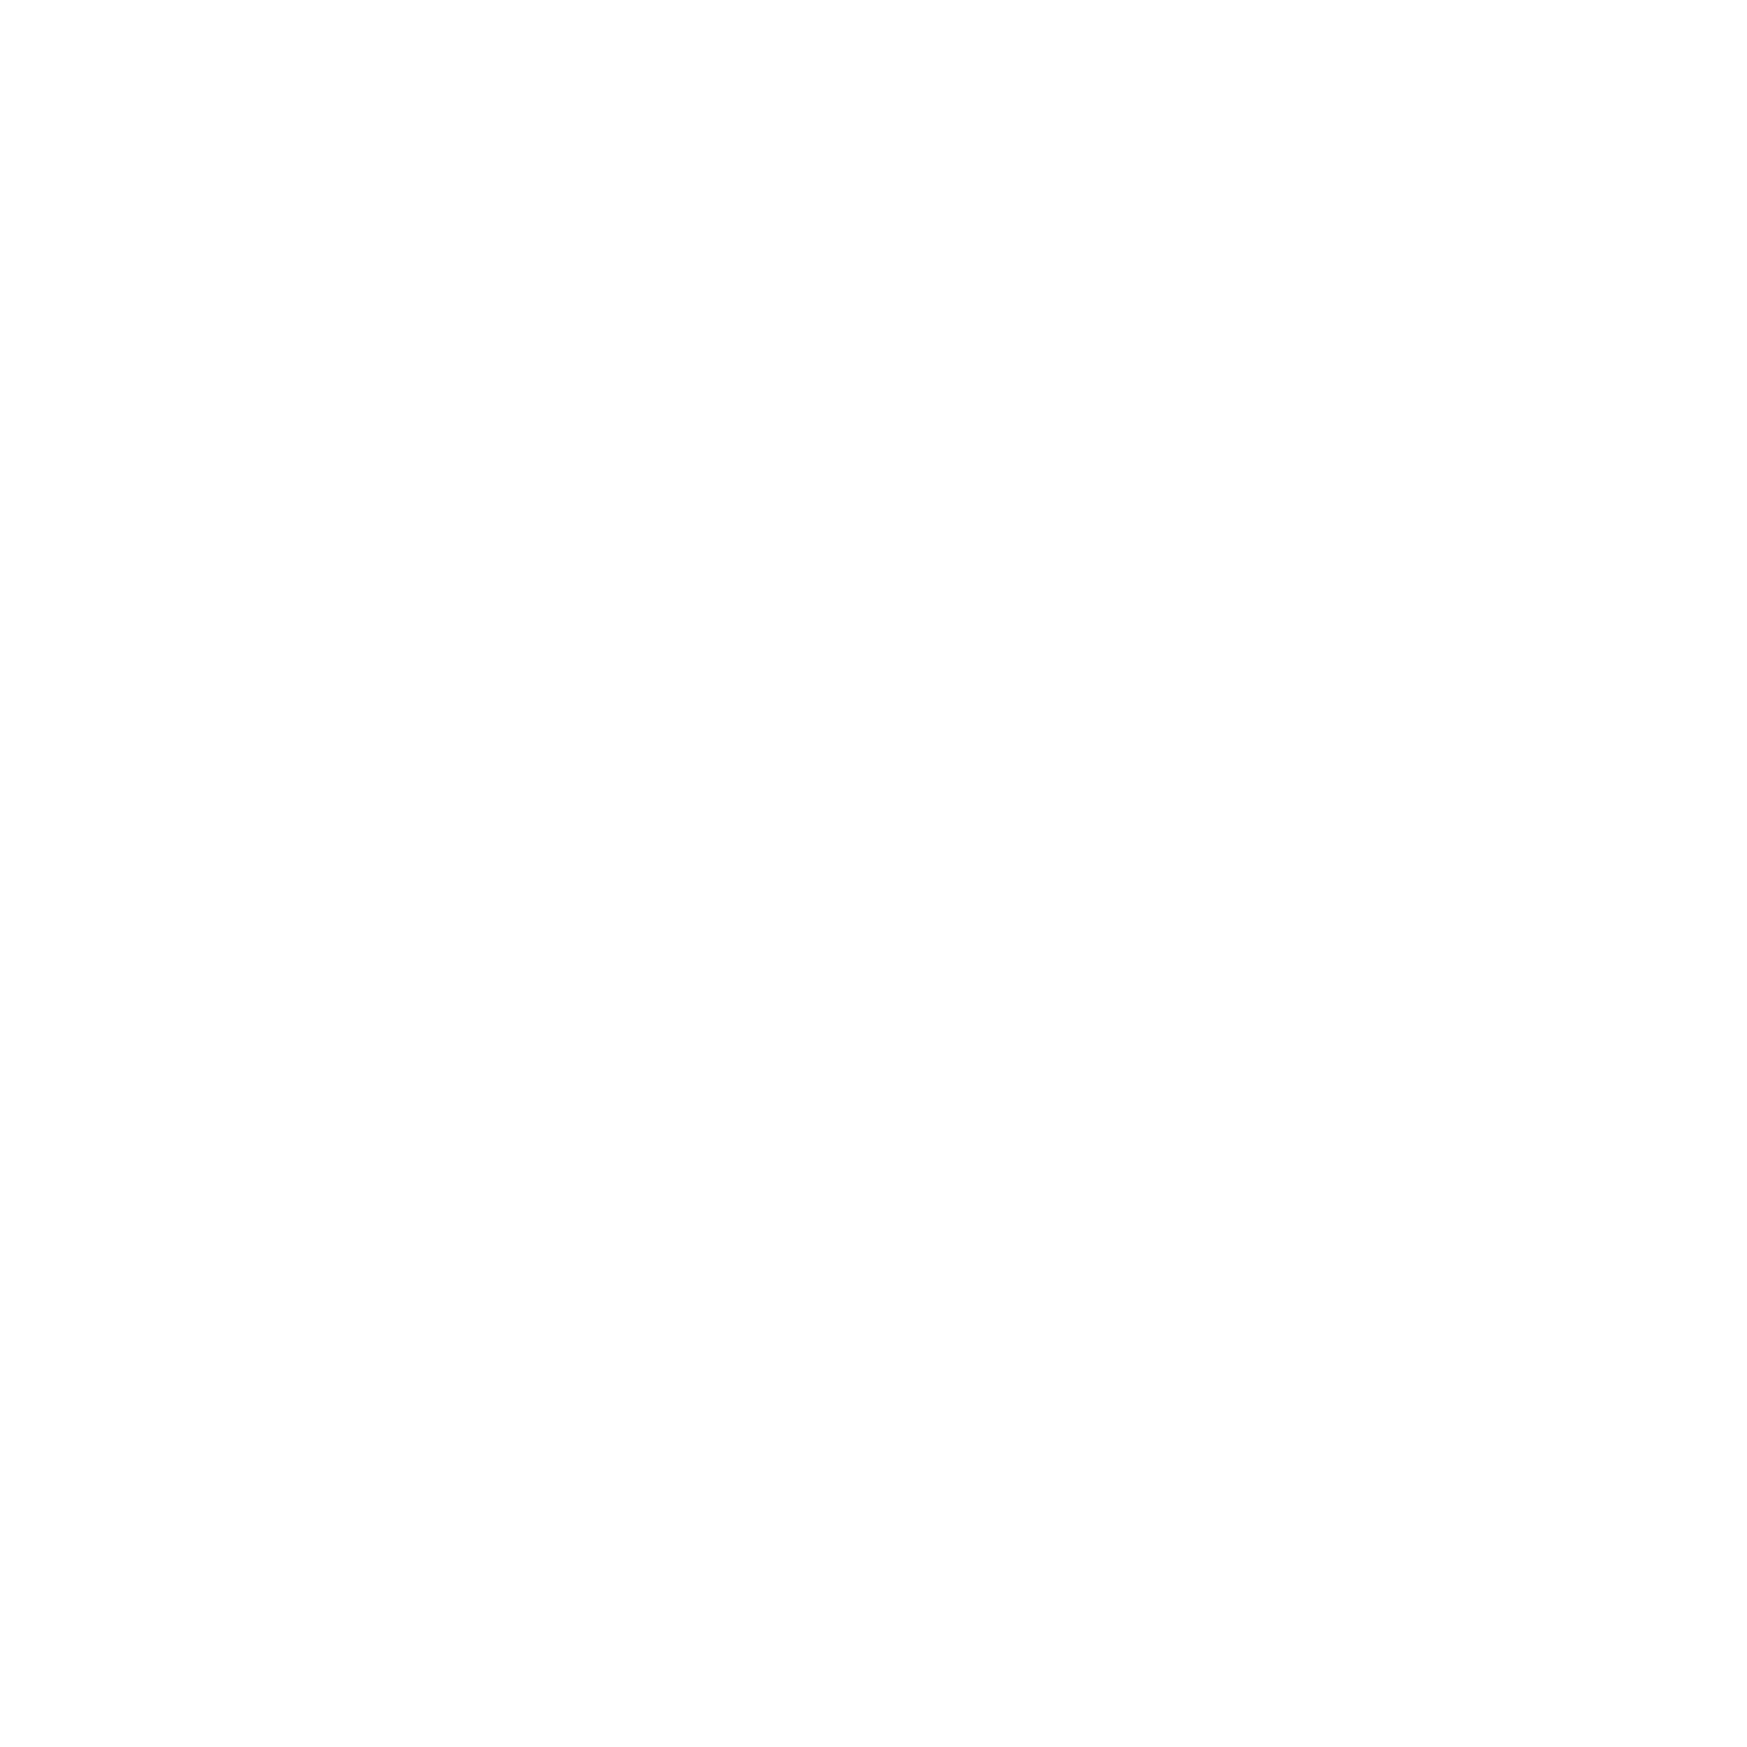 Sairaala KL logo